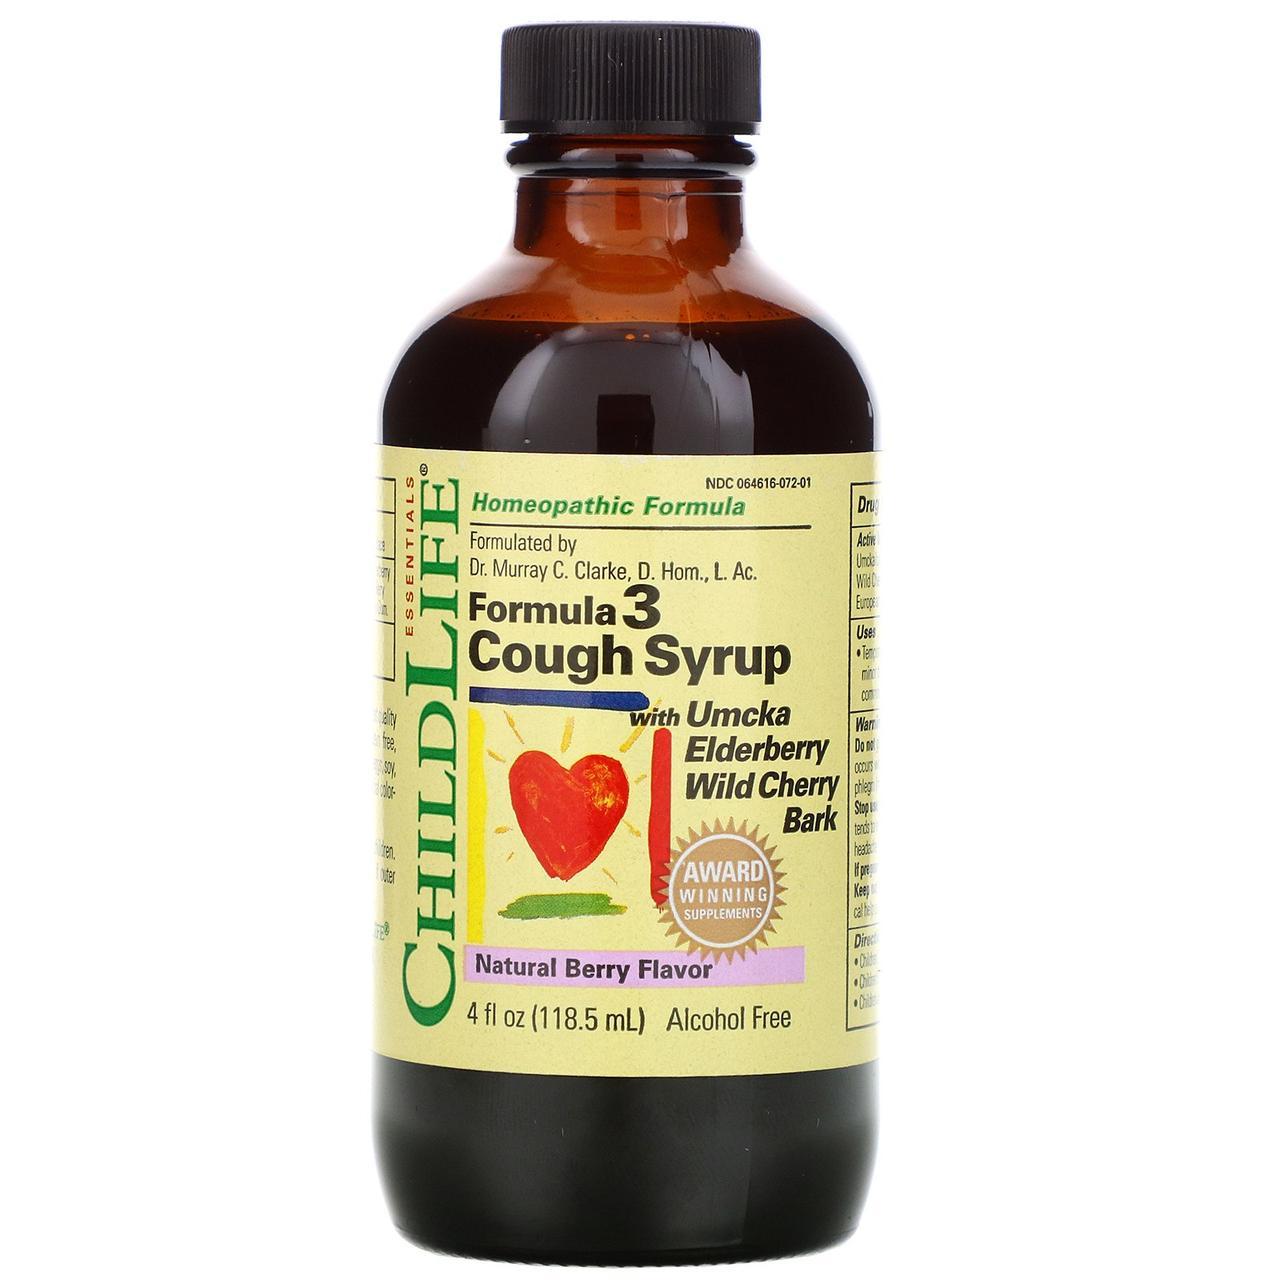 Сироп от кашля, формула 3, без спирта, натуральный ягодный вкус, 118,5 мл ChildLife, Essentials